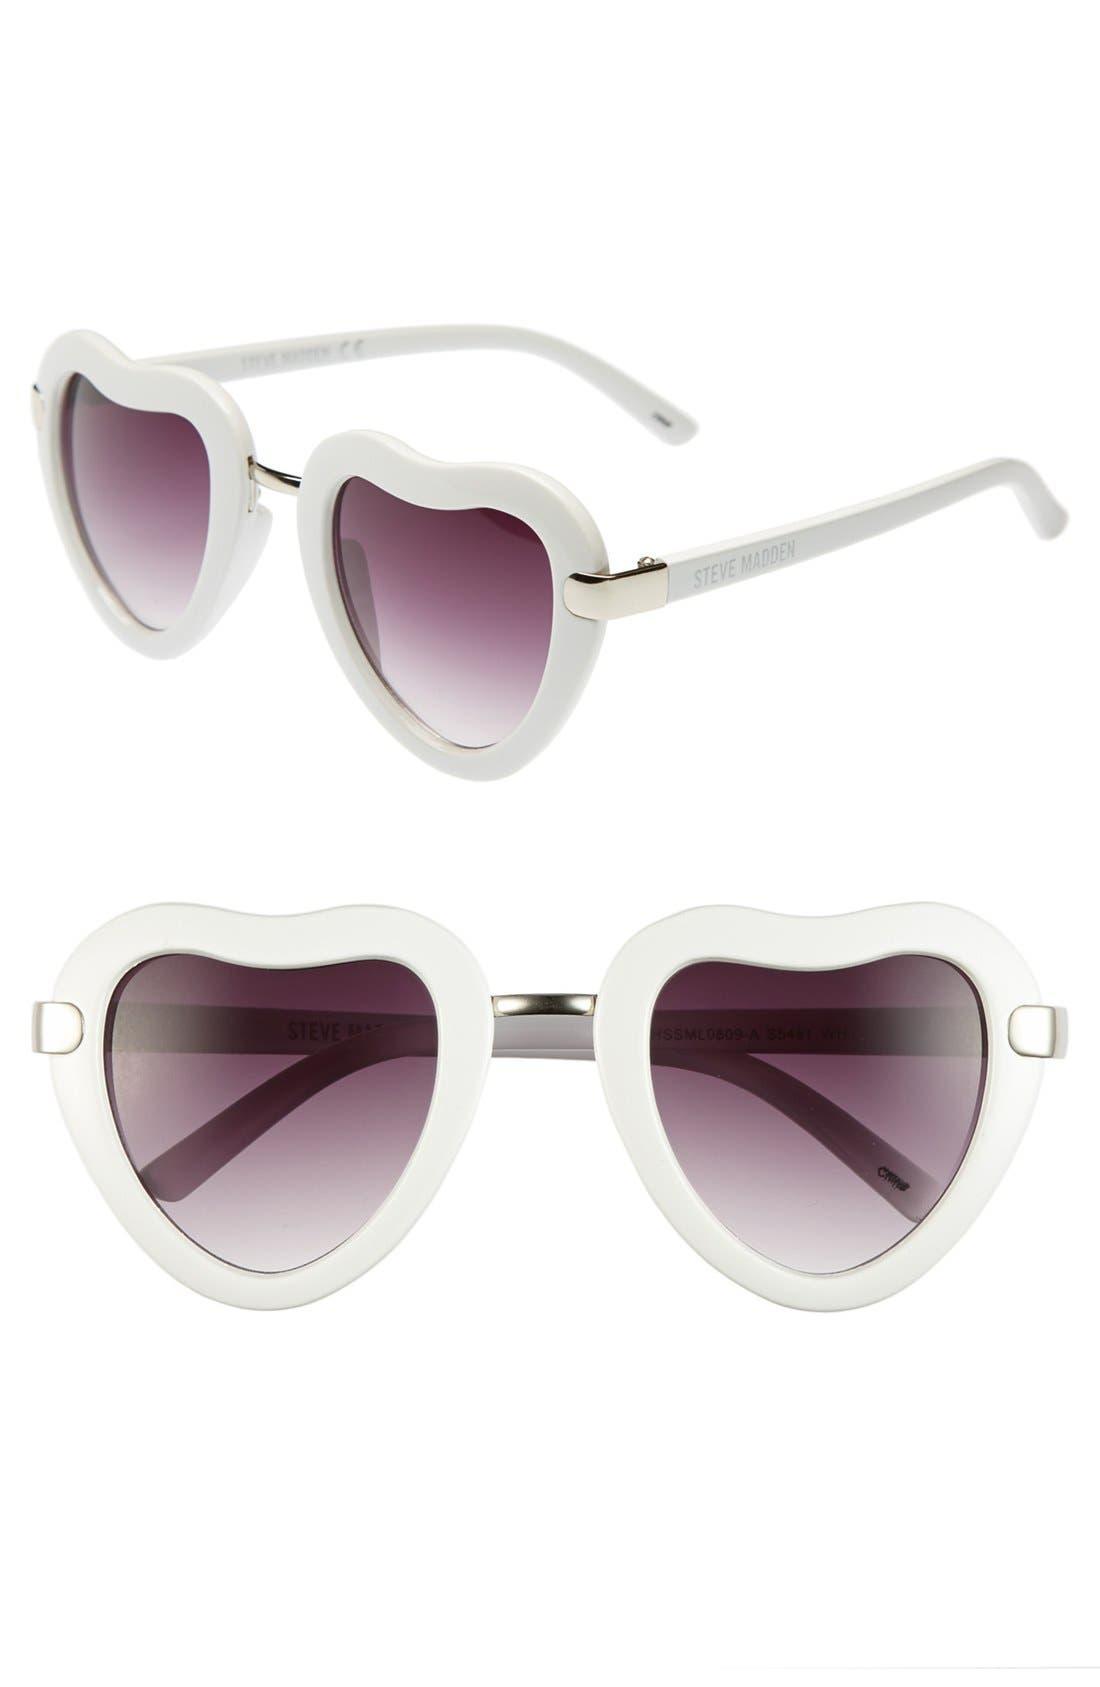 Alternate Image 1 Selected - Steve Madden 'Heart' 46mm Sunglasses